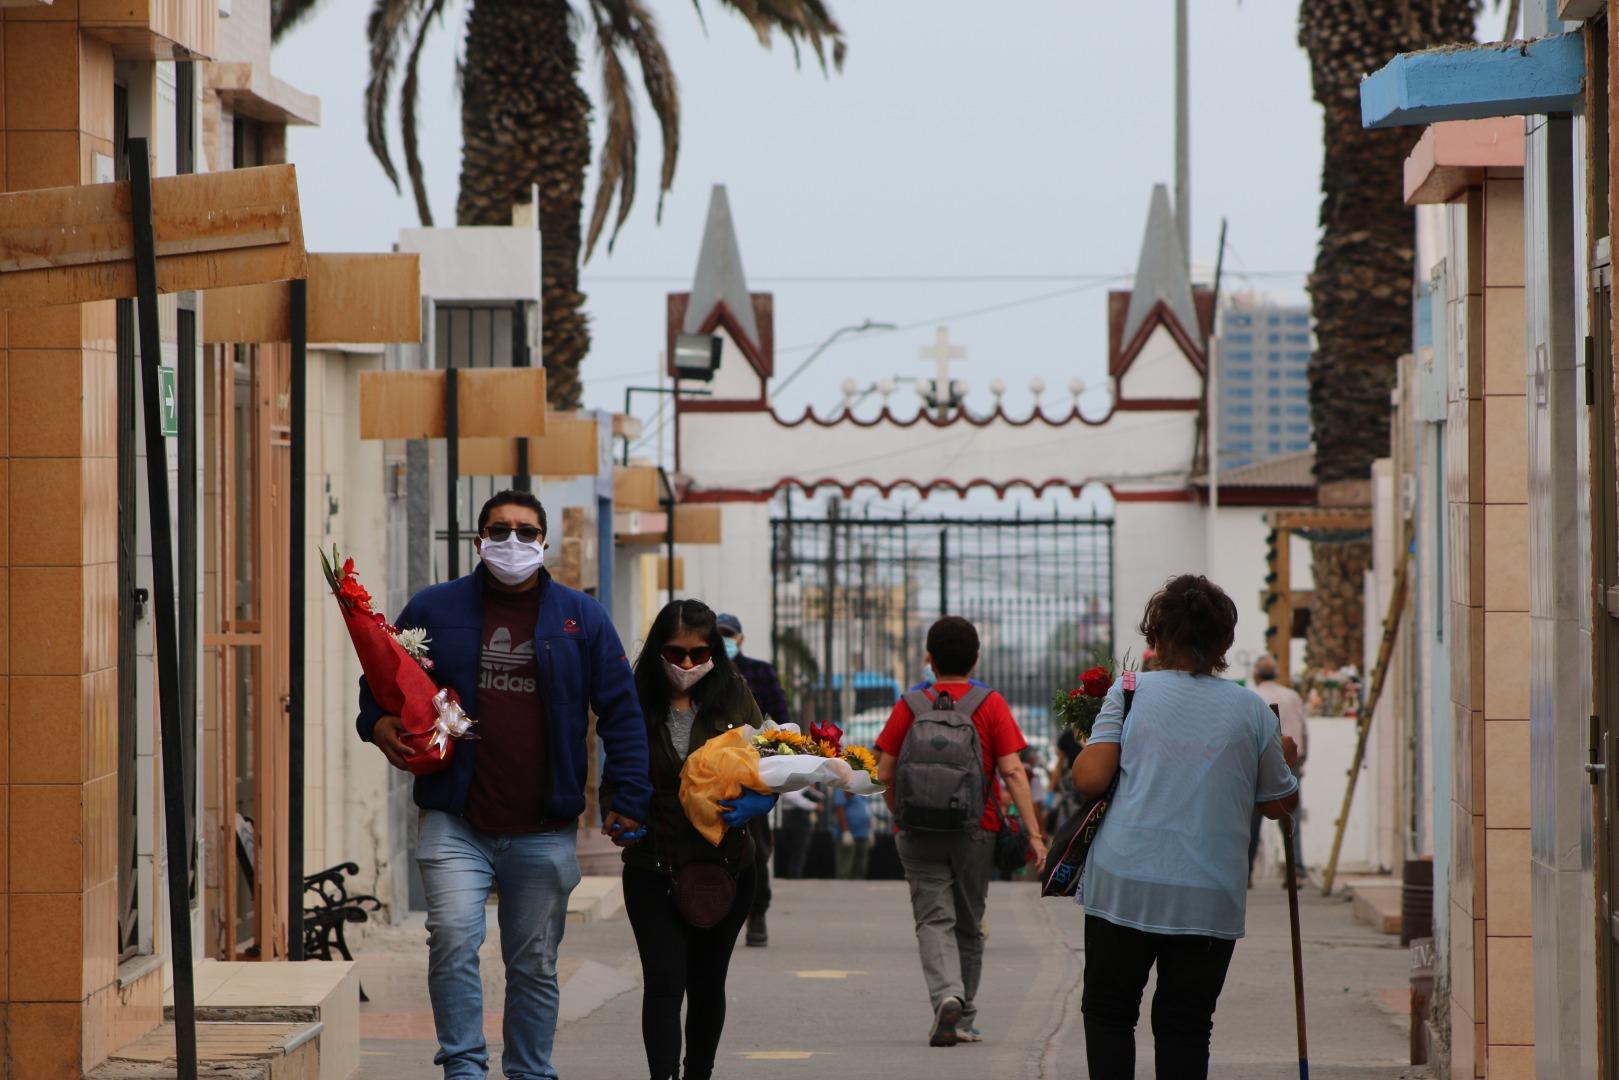 Cementerios públicos de Iquique extienden su horario de visitas a los fines de semana y festivos en Fase 3